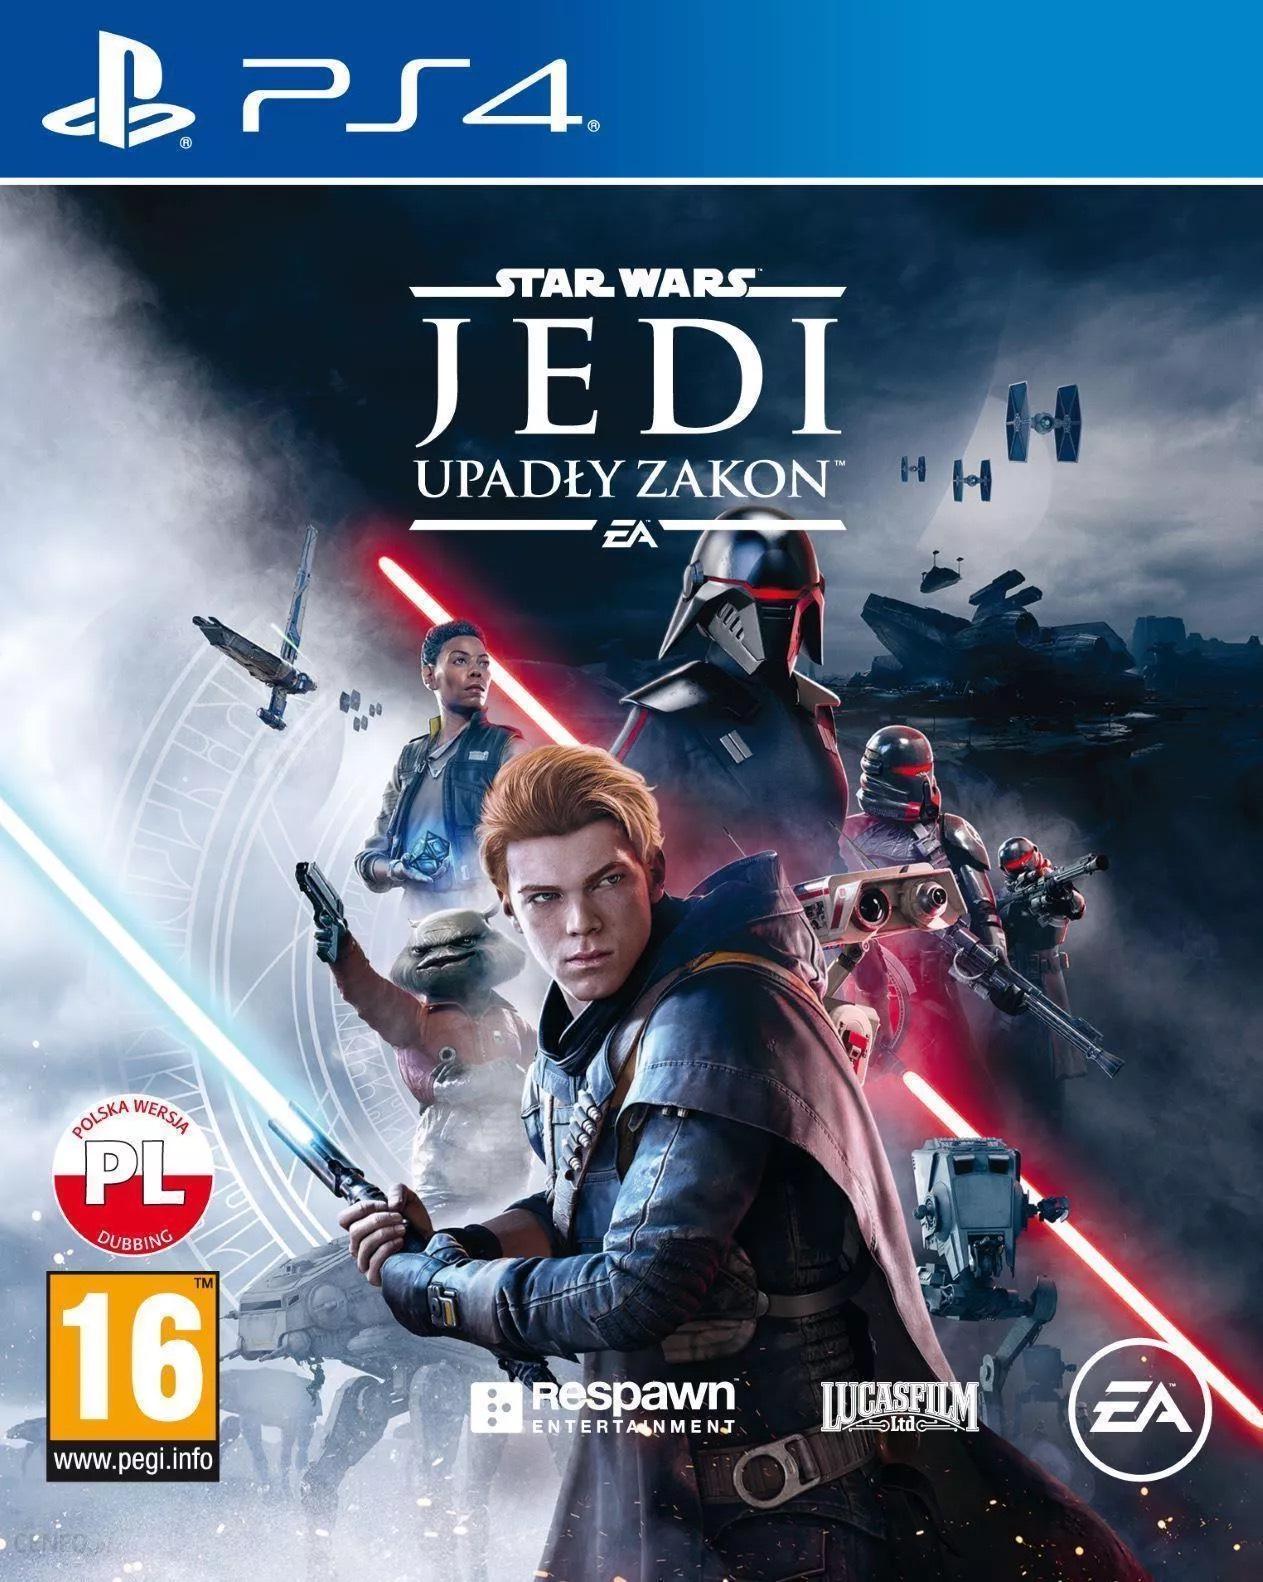 Star Wars Jedi: Upadły Zakon Gra PS4 + koszulka gratis do wyboru